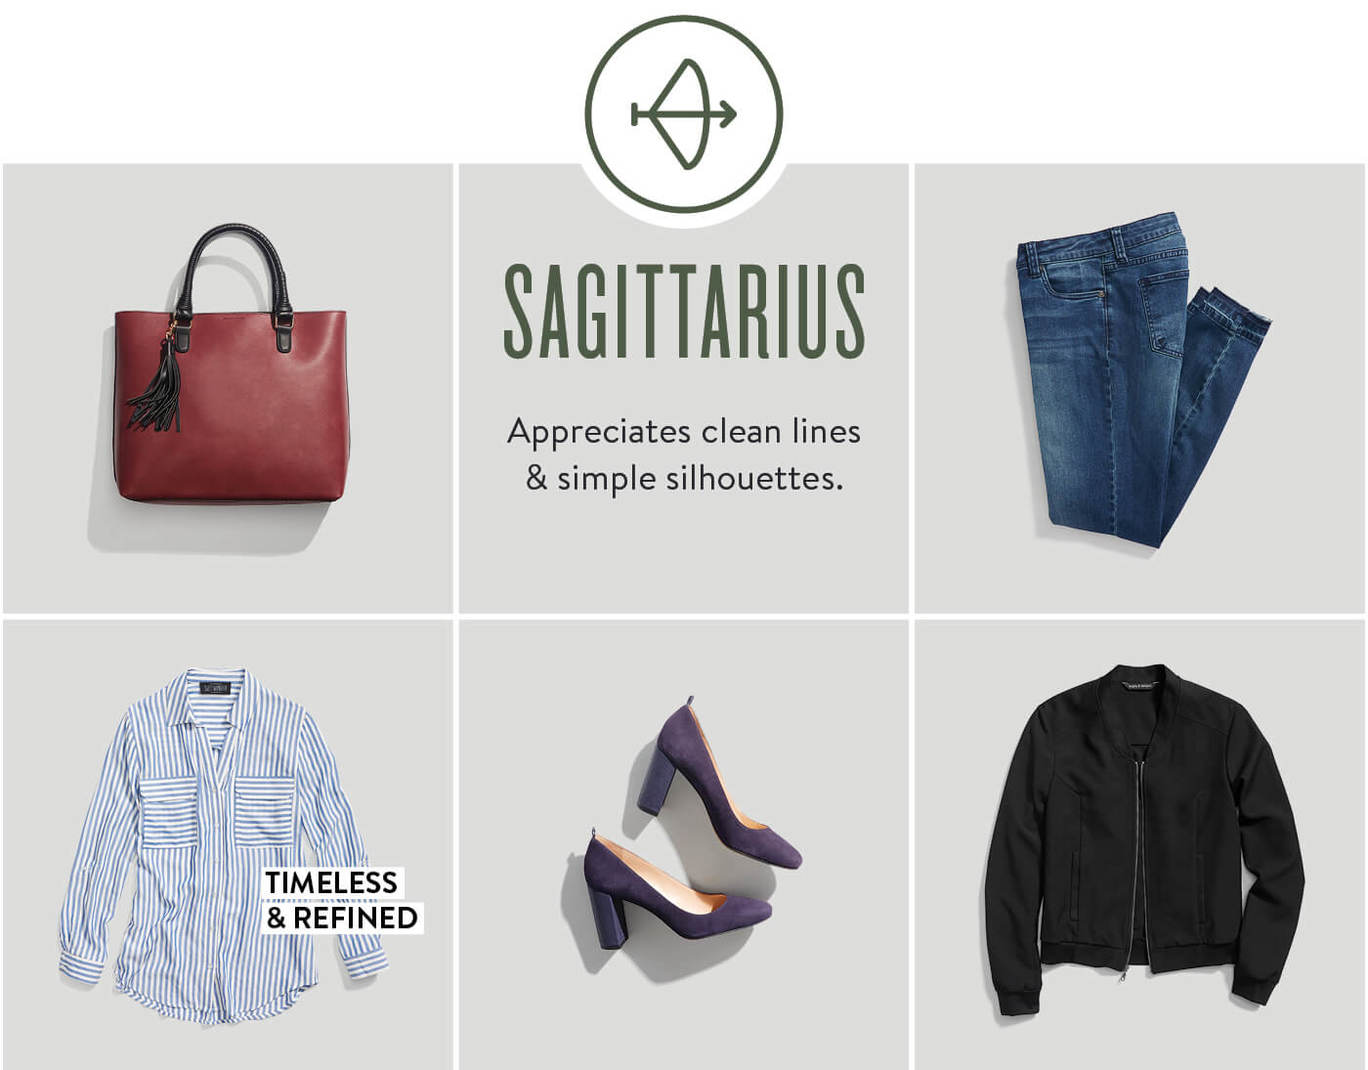 Sagittarius: